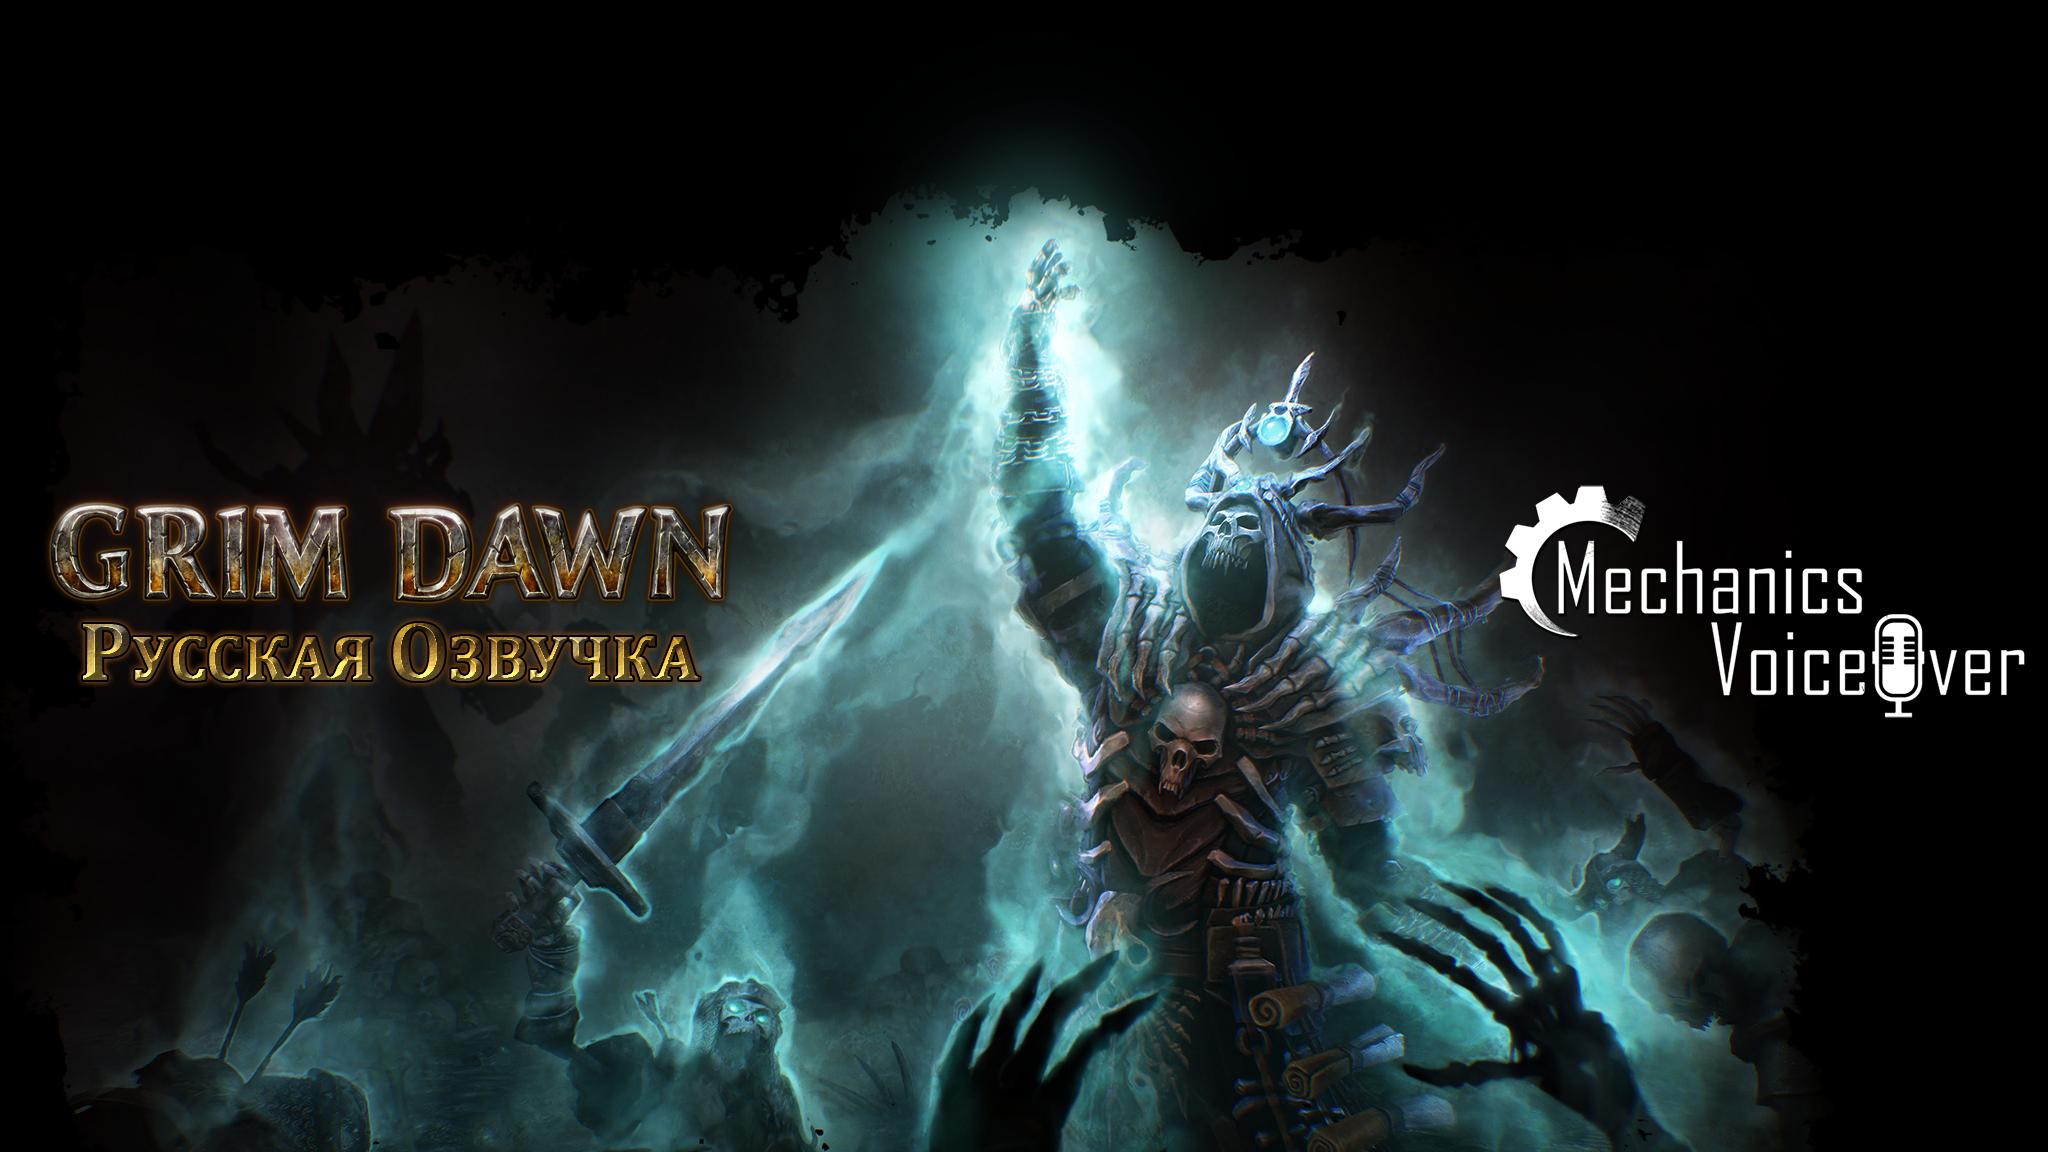 Grim Dawn - демонстрация новых голосов и геймплея с русской озвучкой от R.G. MVO